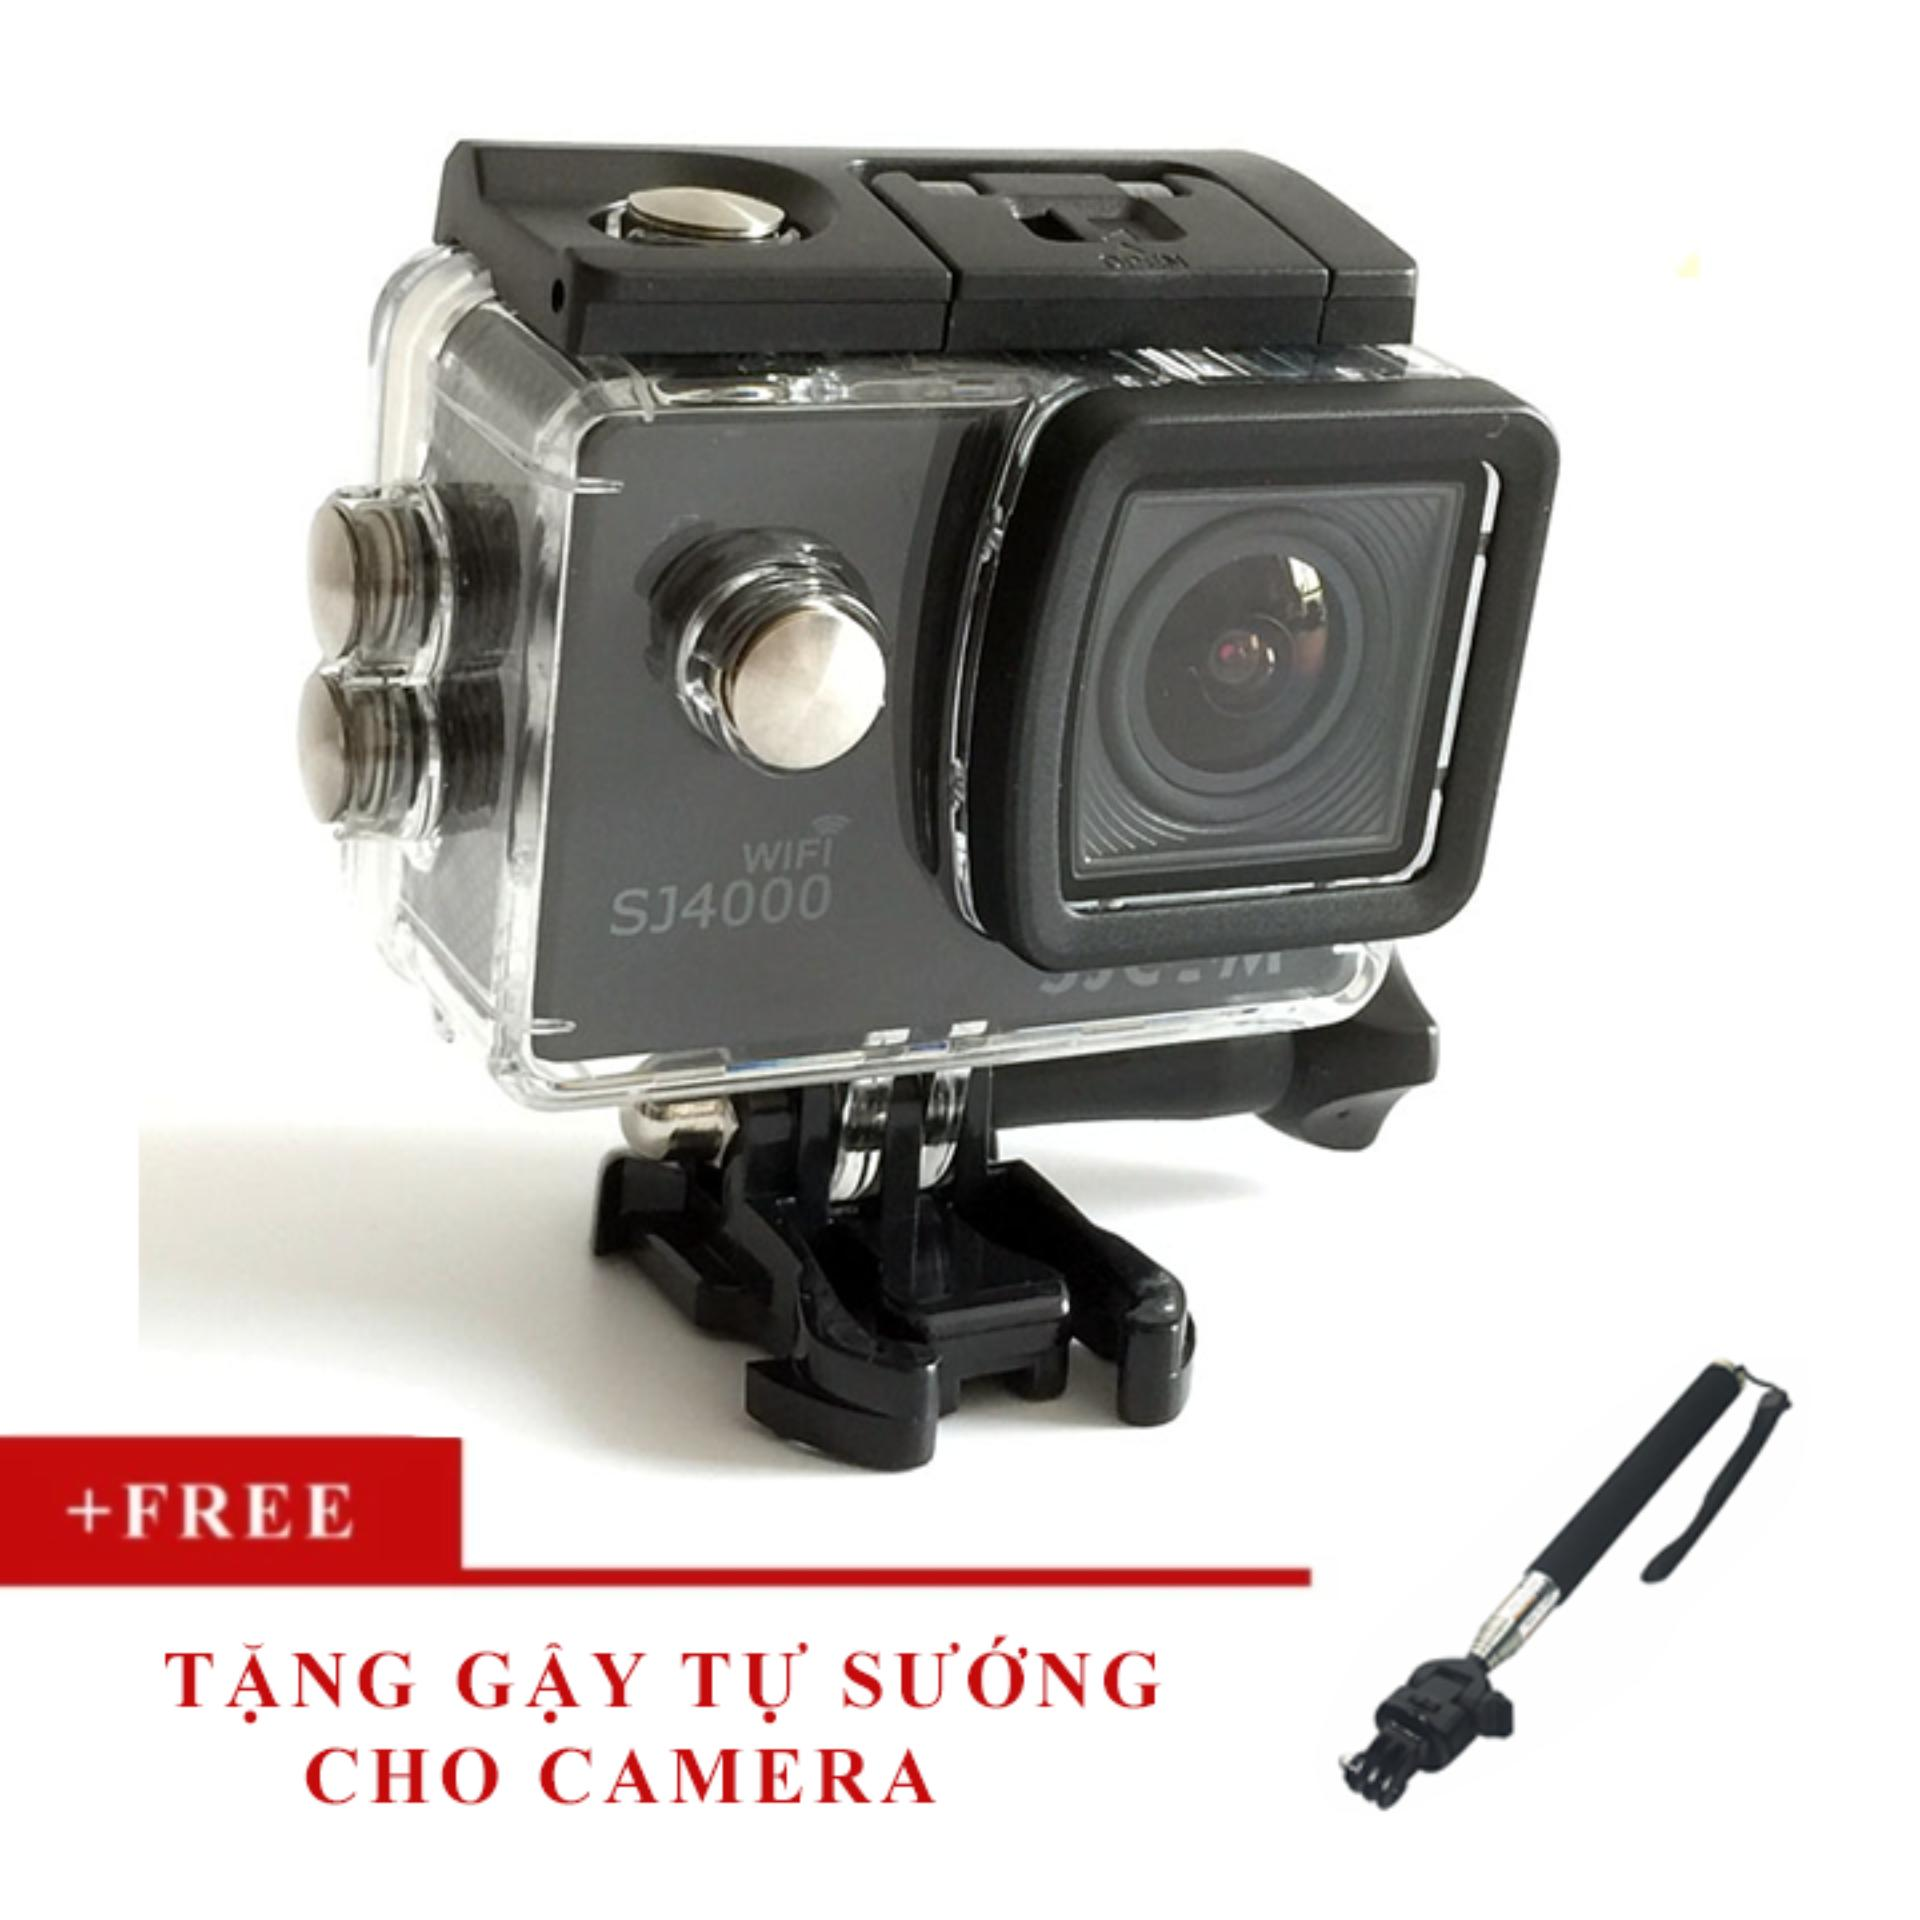 Camera thể thao SJcam SJ4000 WIFI, phiên bản màn hình LCD 2.0 inch- Tặng gậy tự sướng, bảo hành 12 tháng